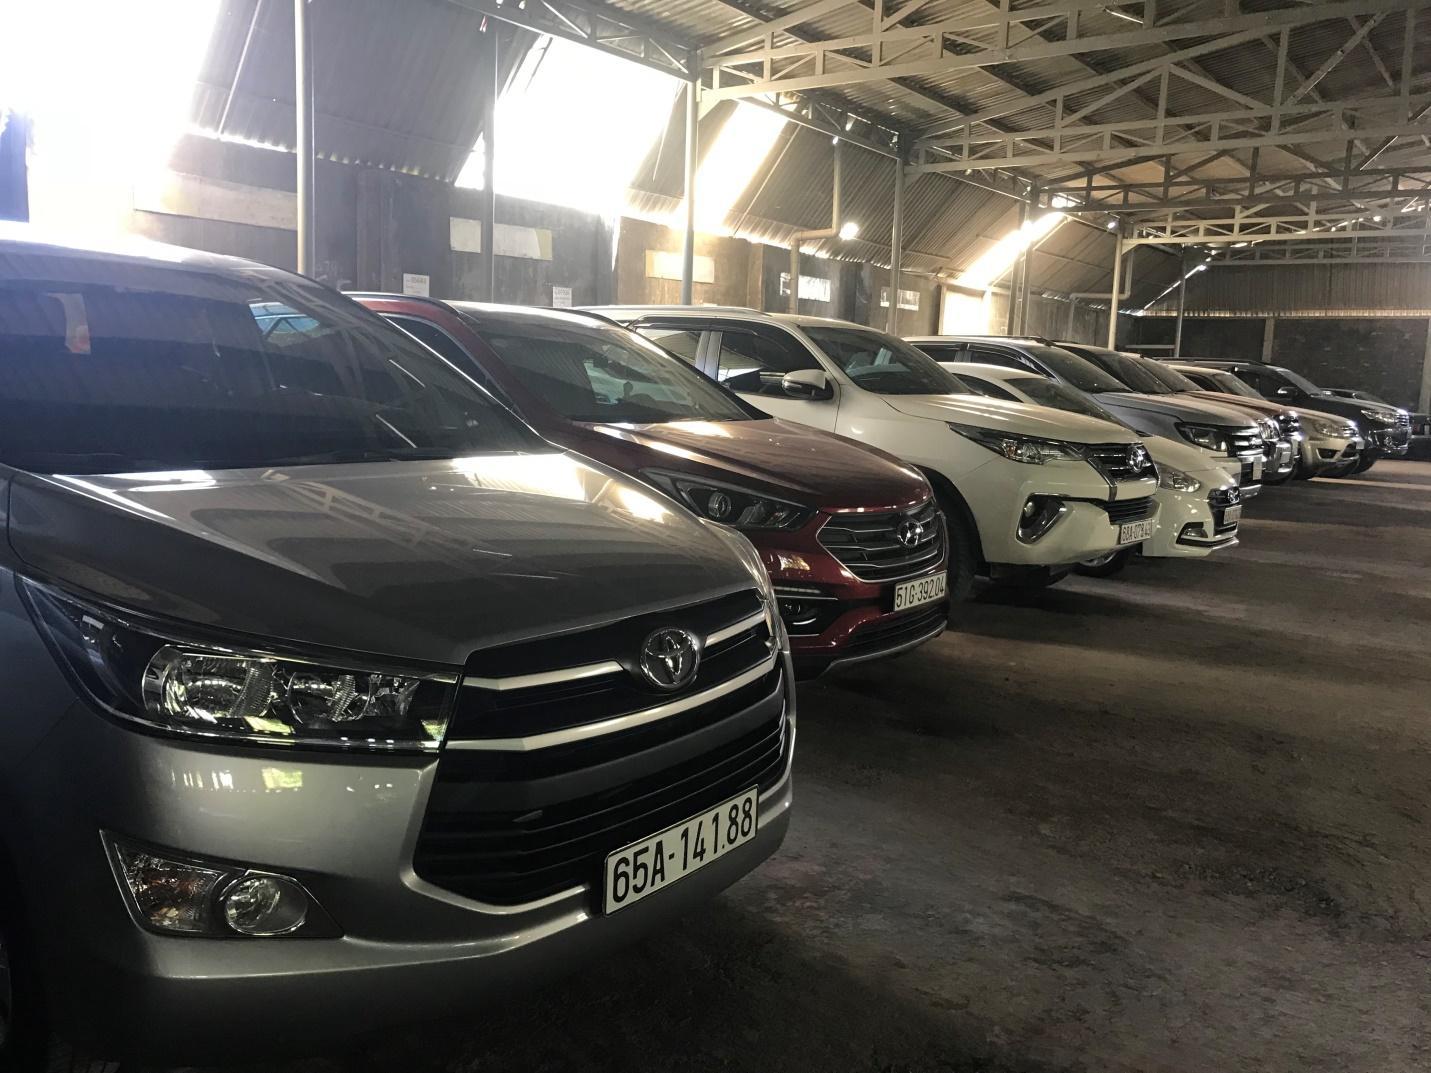 Kinh nghiệm hữu ích khi sử dụng dịch vụ thuê xe tự lái tphcm